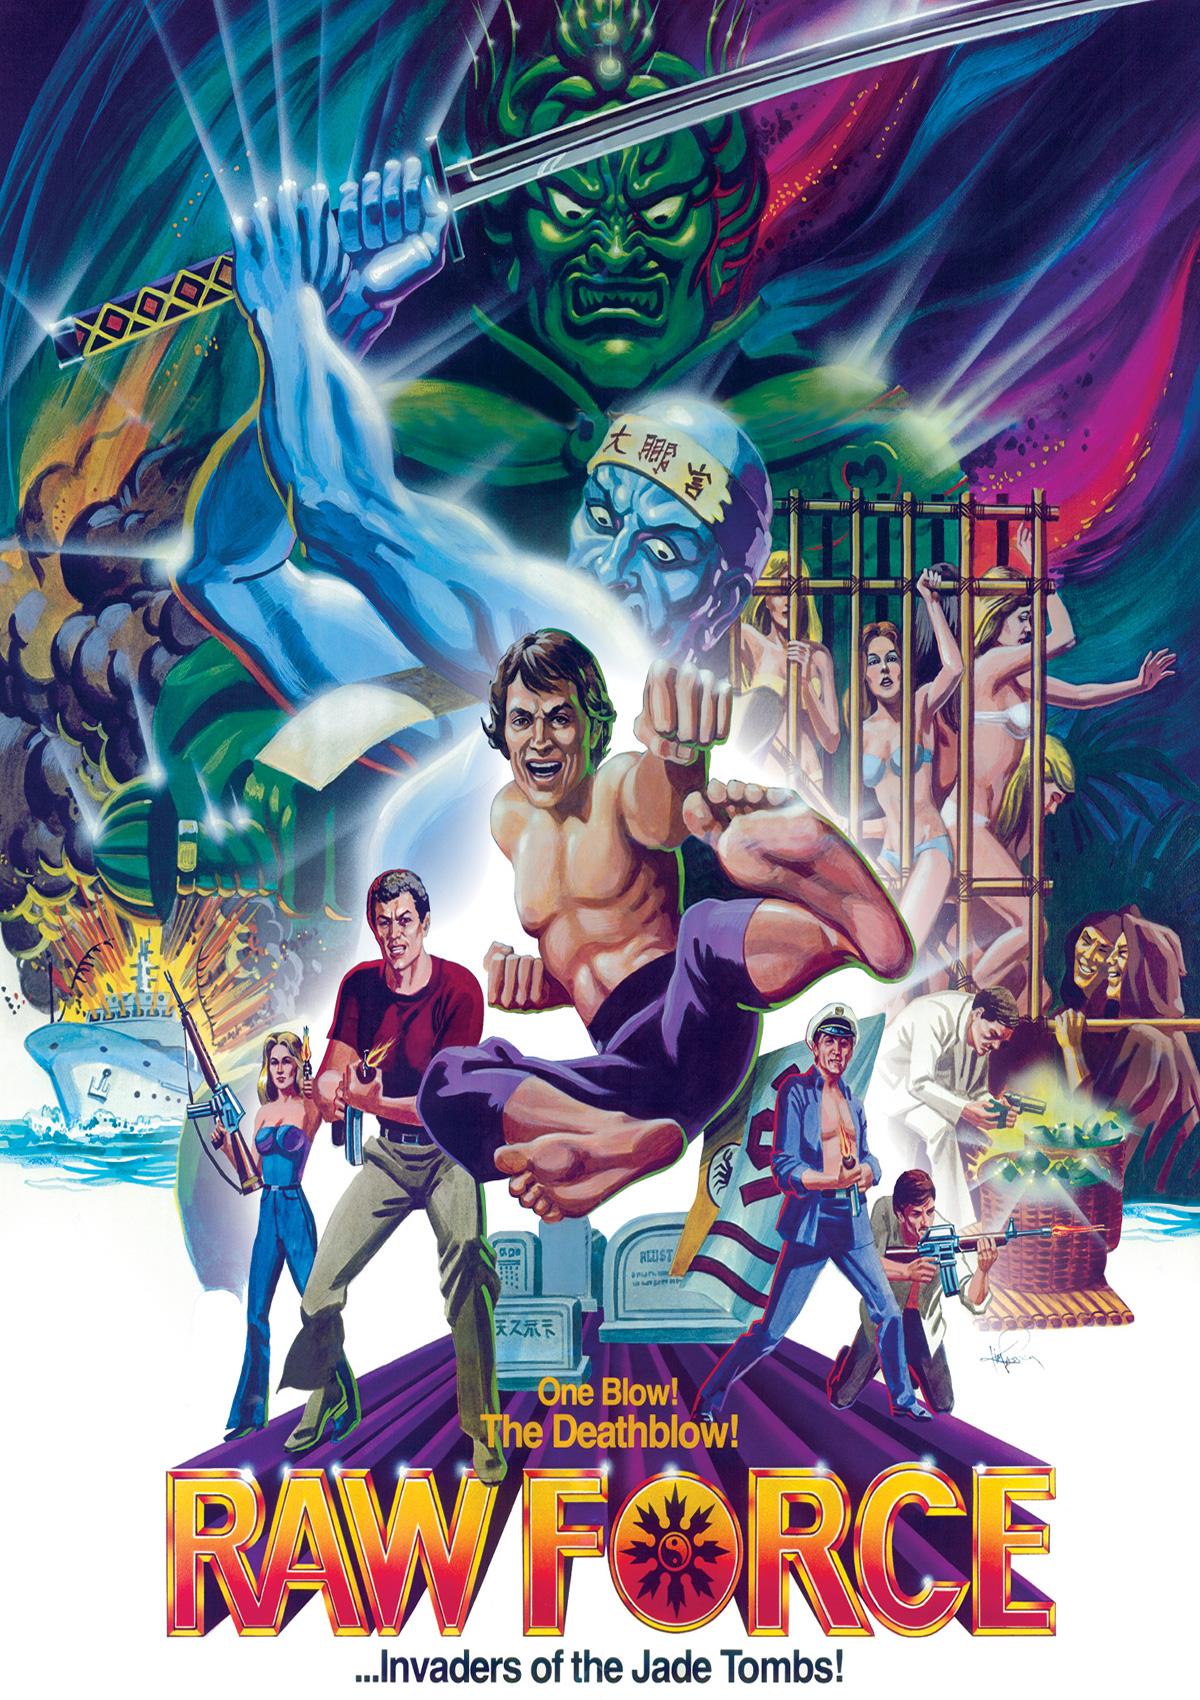 Kung-Fu Cannibals aka Raw Force (1982) – VHS Revival